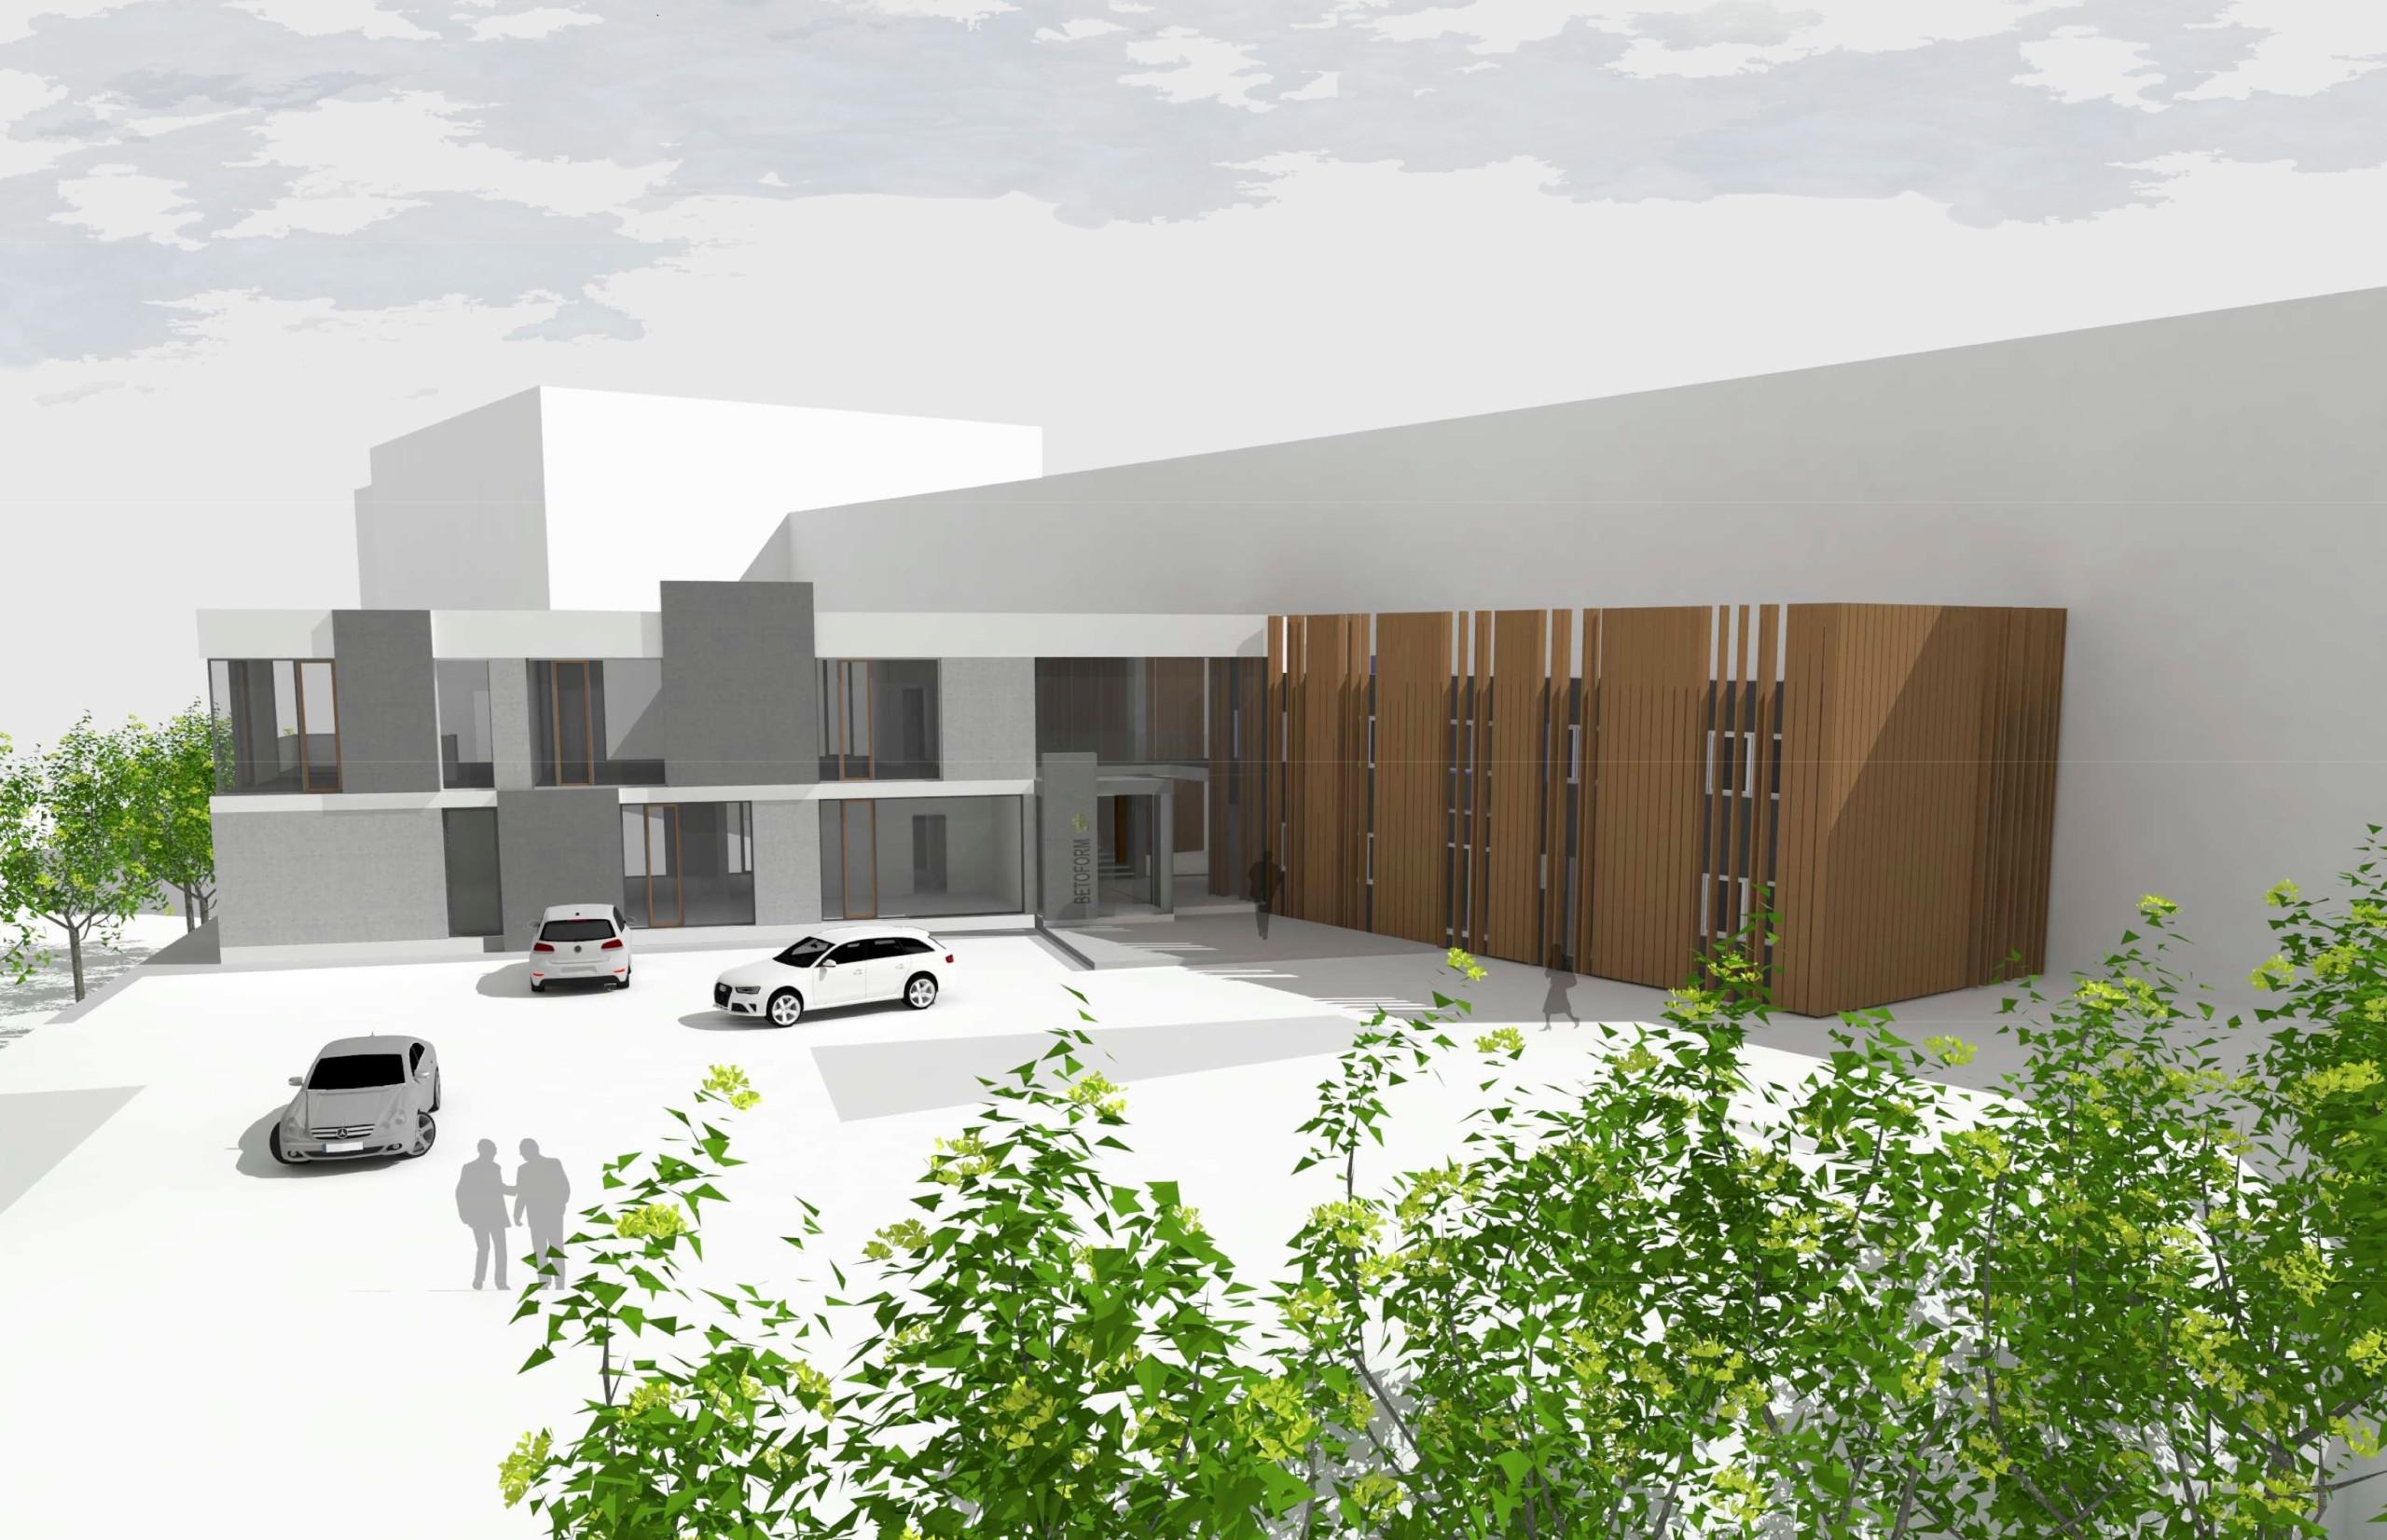 Entwurf I links Neubau - rechts neue Verkleidung Bestand